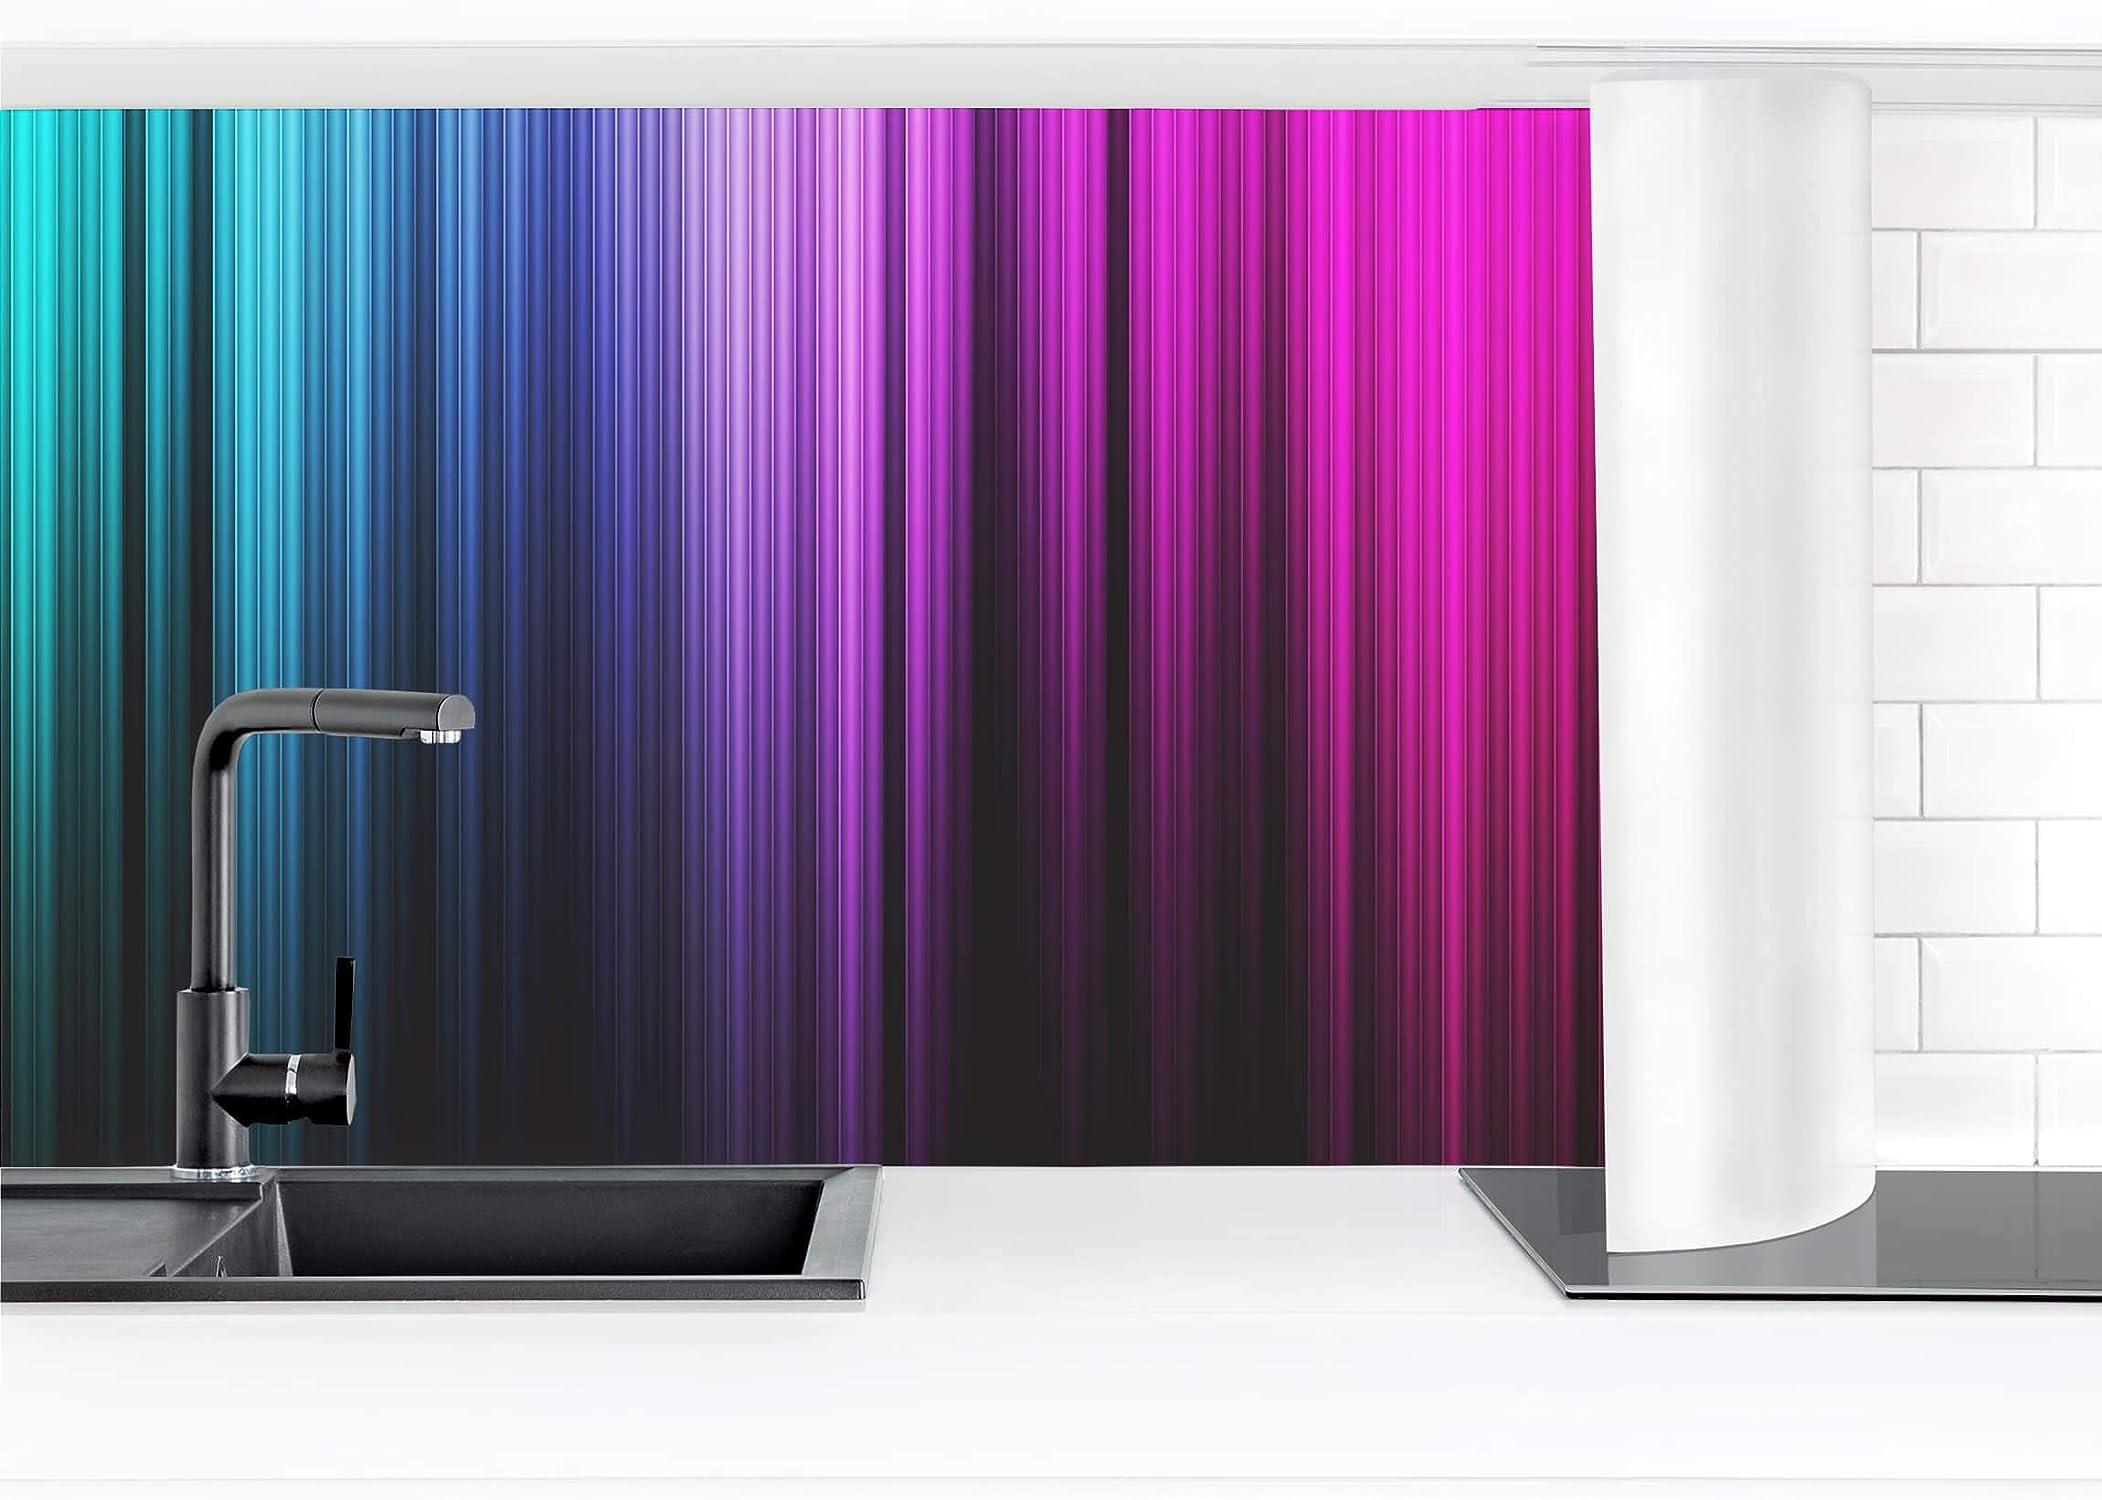 Esperando por ti Bilderwelten Bilderwelten Bilderwelten Lámina Adhesiva para la Parojo de la Cocina - Rainbow Display 60 x 100 cm Premium  Disfruta de un 50% de descuento.